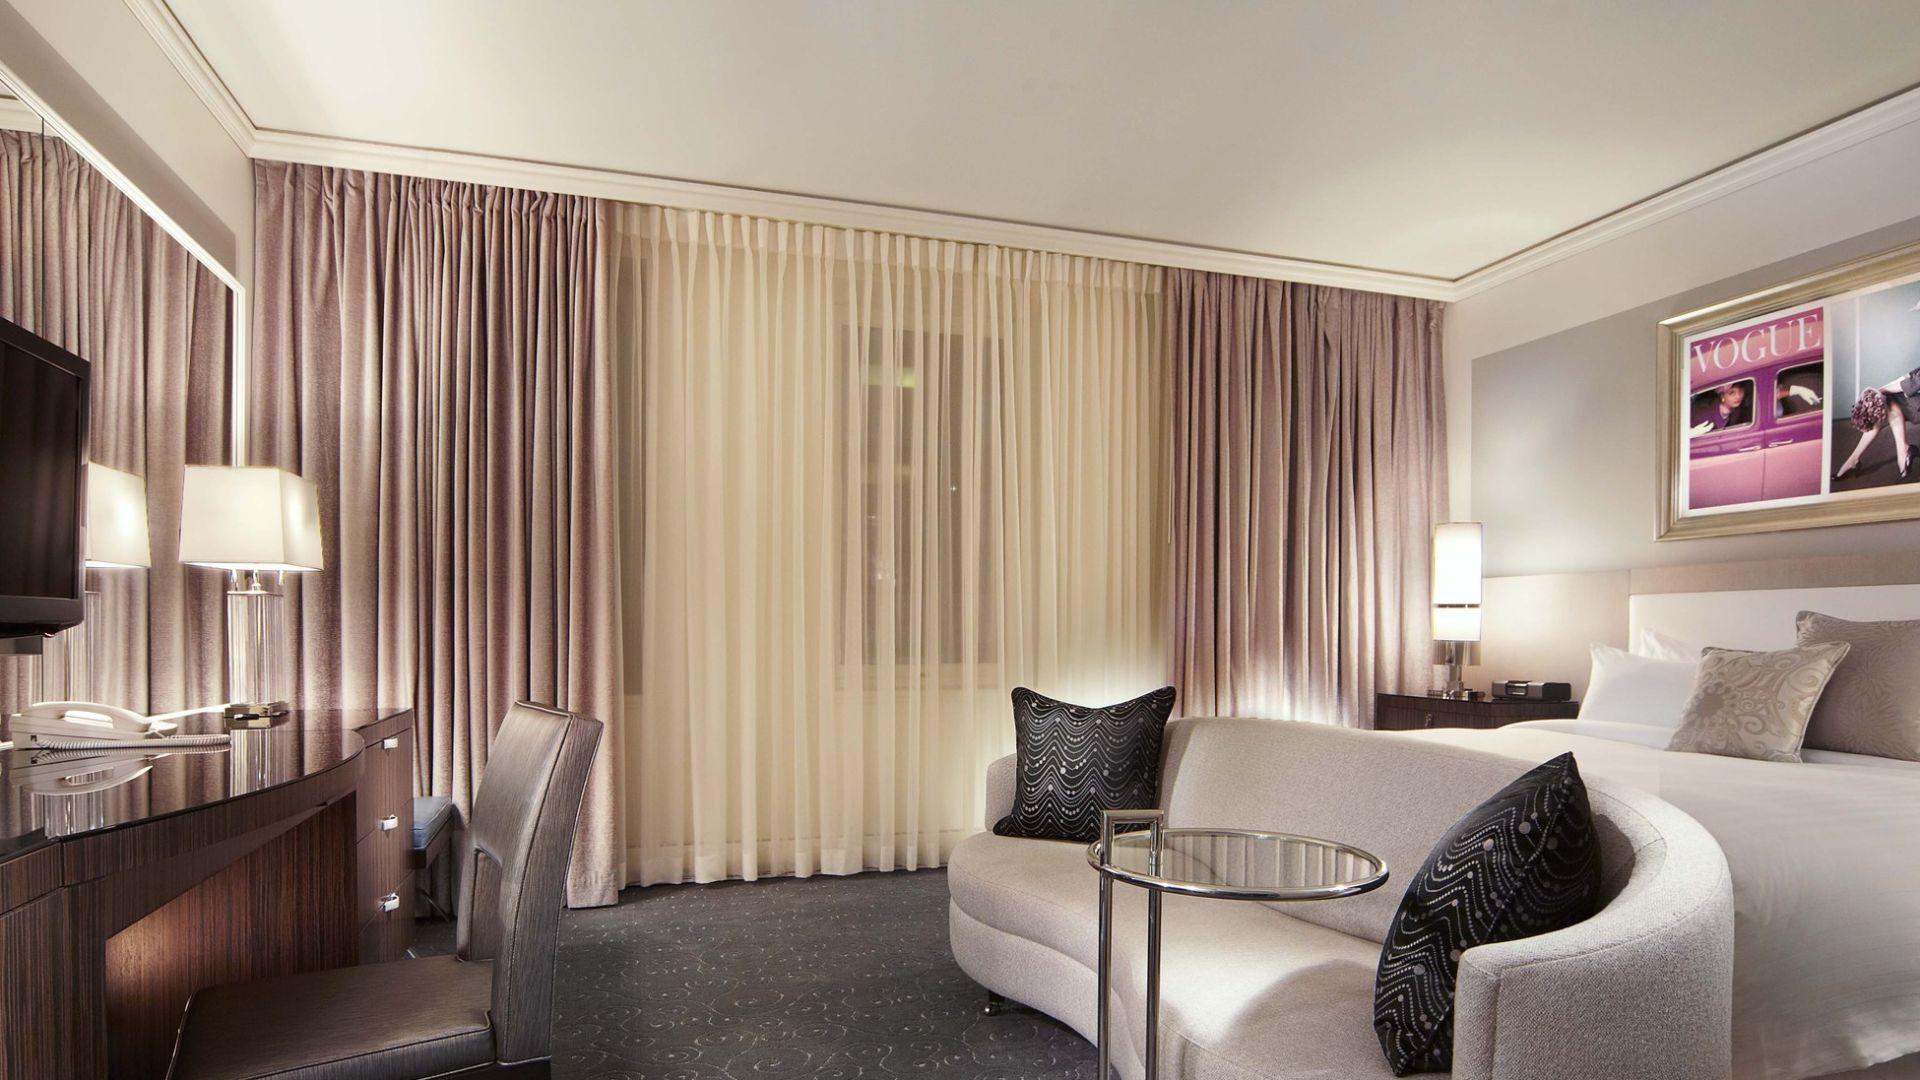 Habitación de huéspedes Premium | Loews Hotel Vogue